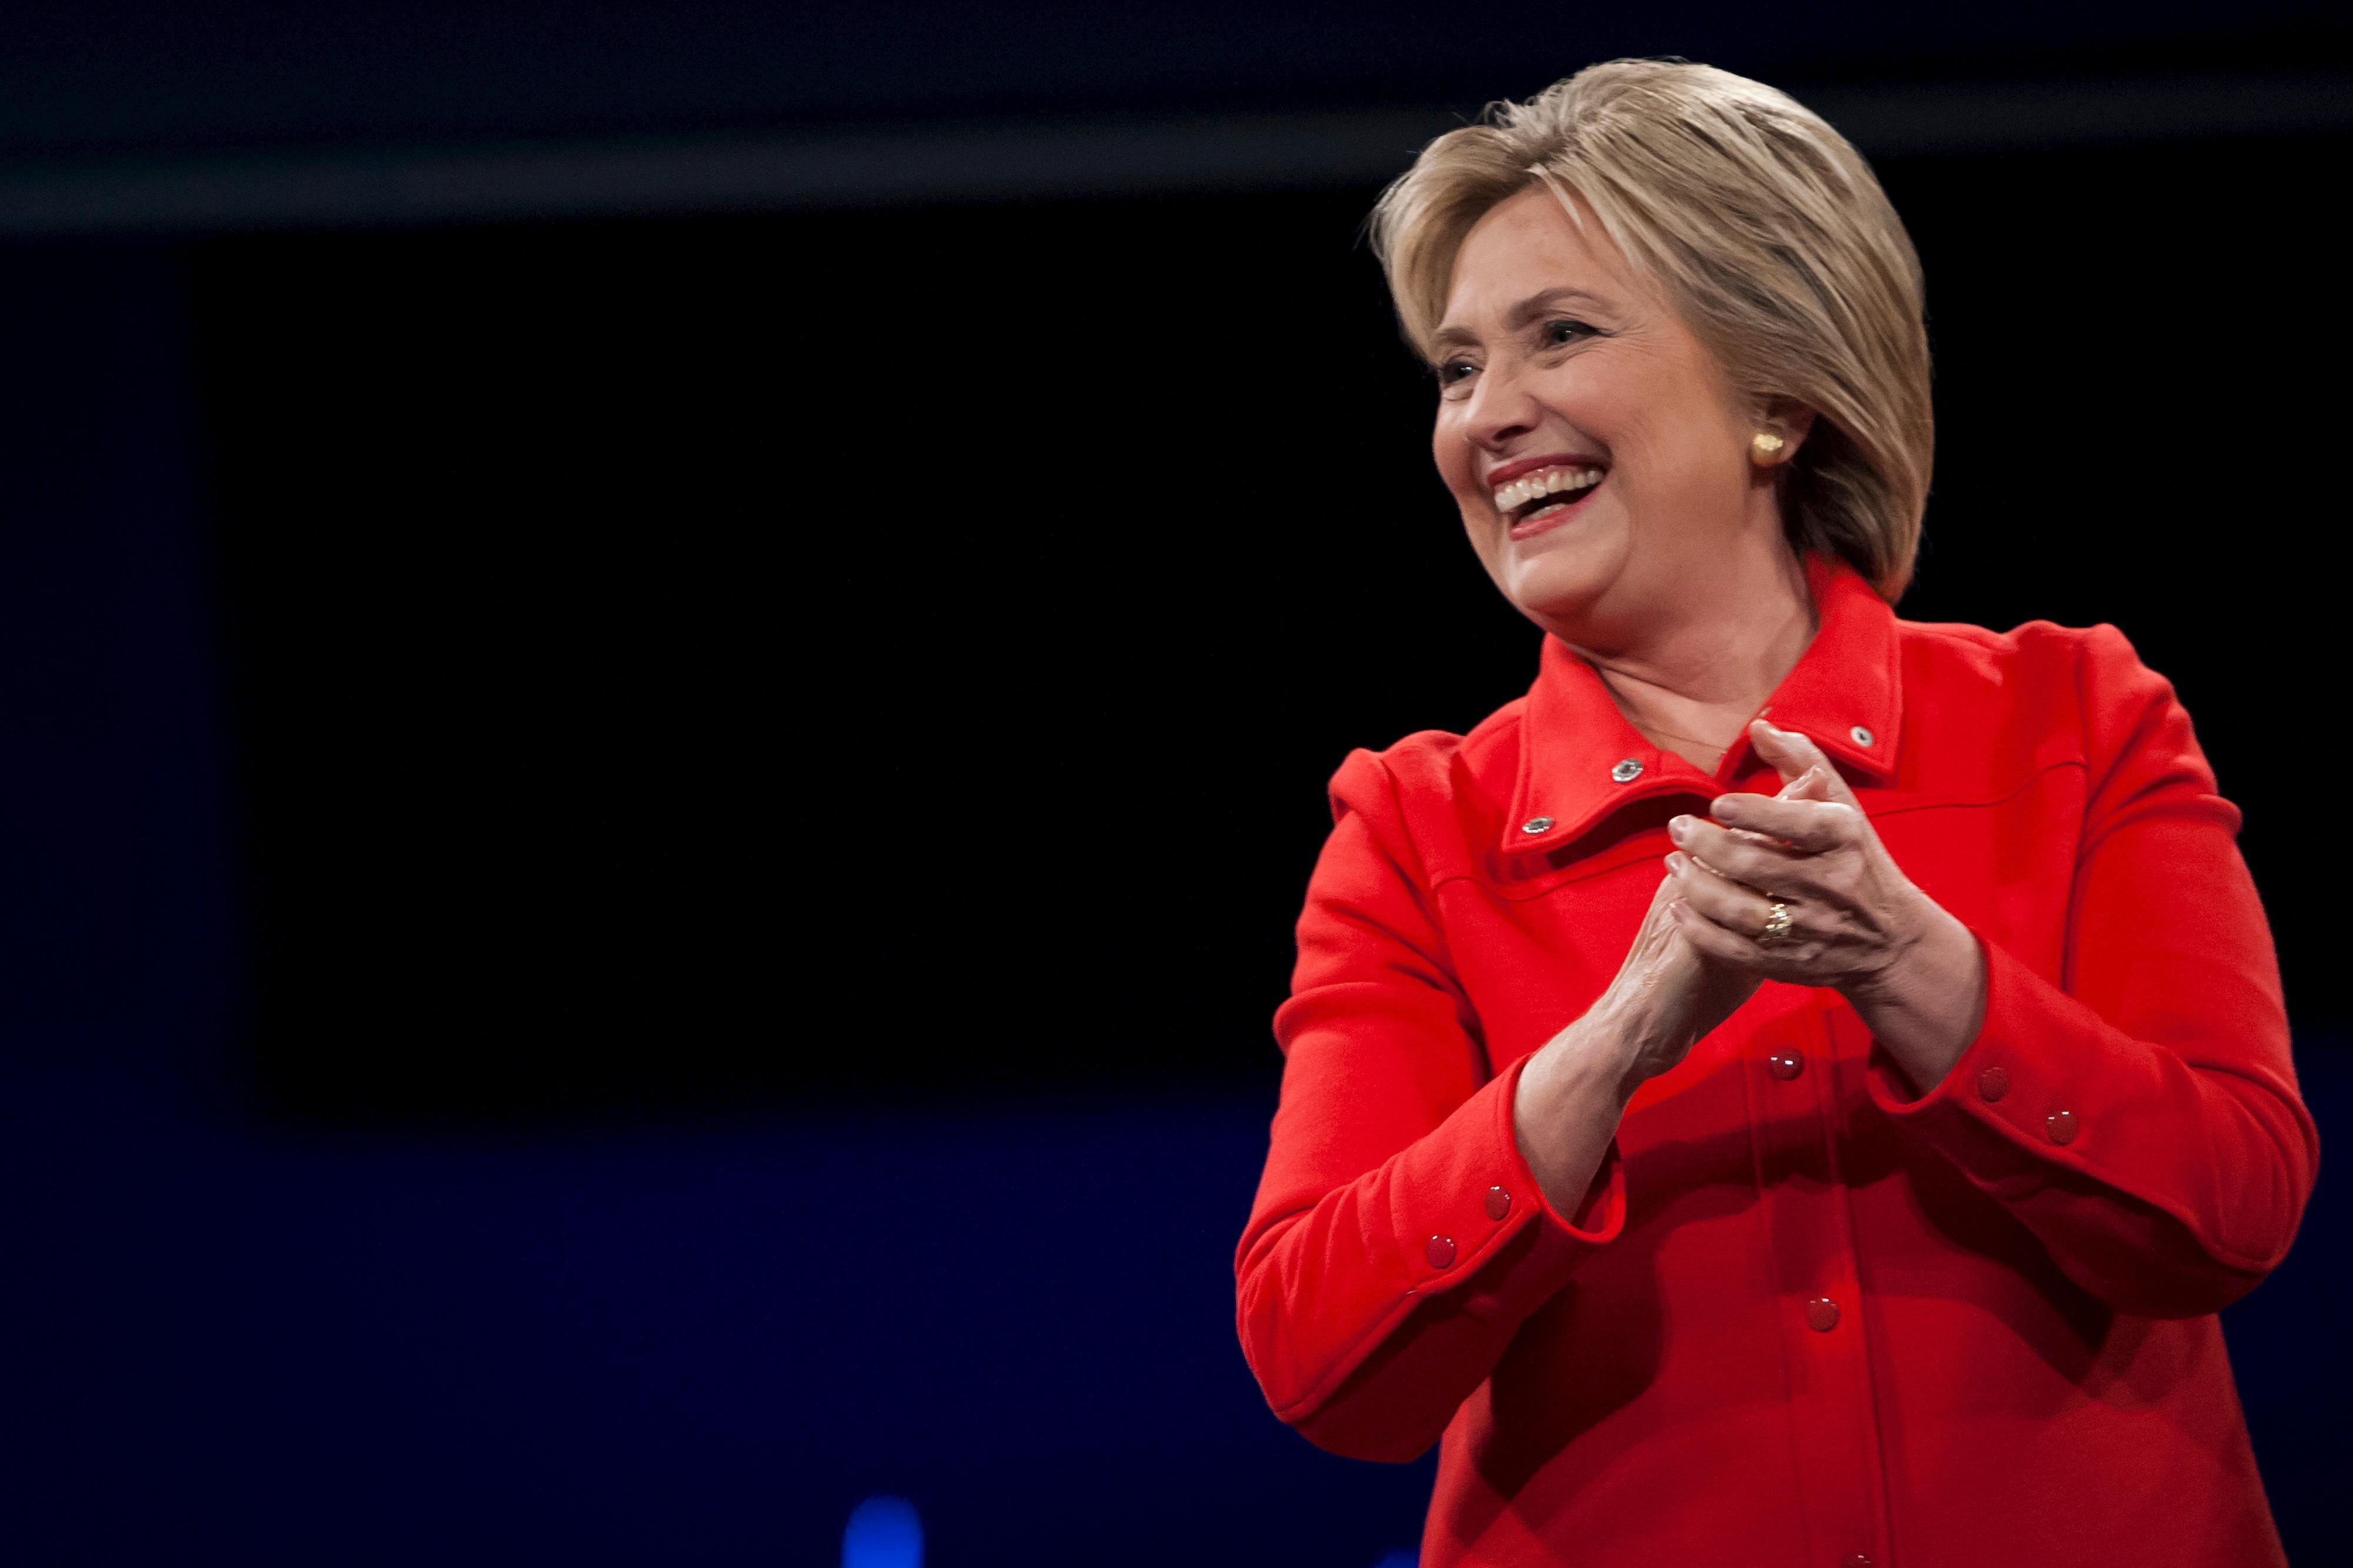 Encuestras muestran a Clinton con 4 puntos de ventaja sobre Trump